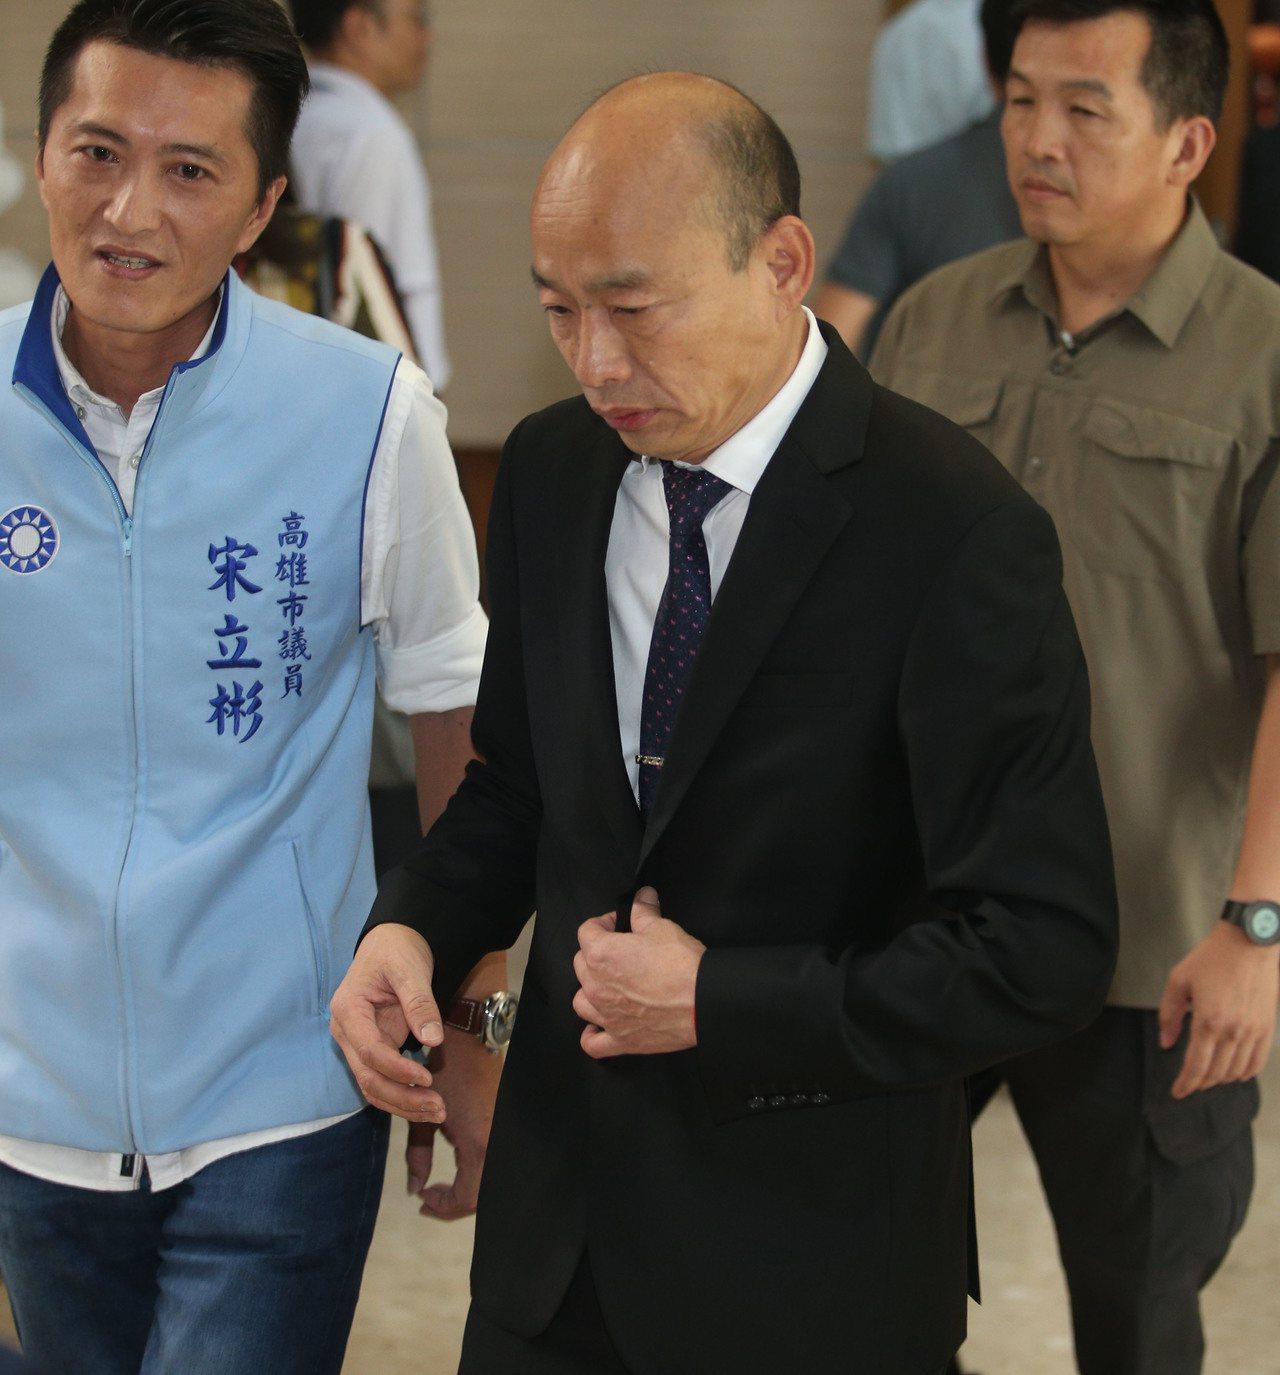 高雄市長韓國瑜今天到議會進行施政報告。記者劉學聖/攝影